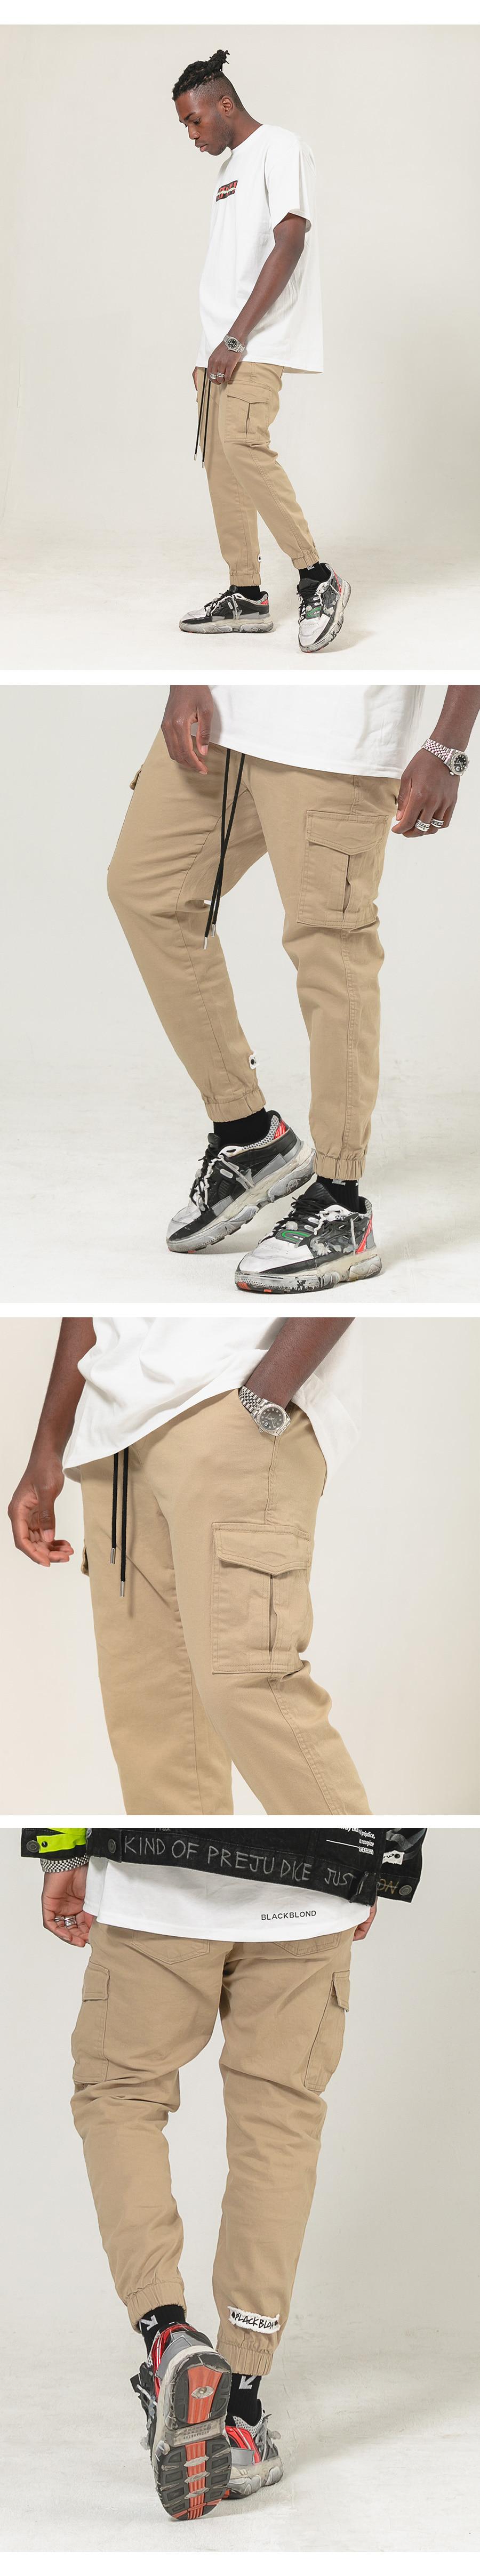 블랙블론드 BLACKBLOND - BBD Basic Cargo Jogger Pants (Beige)